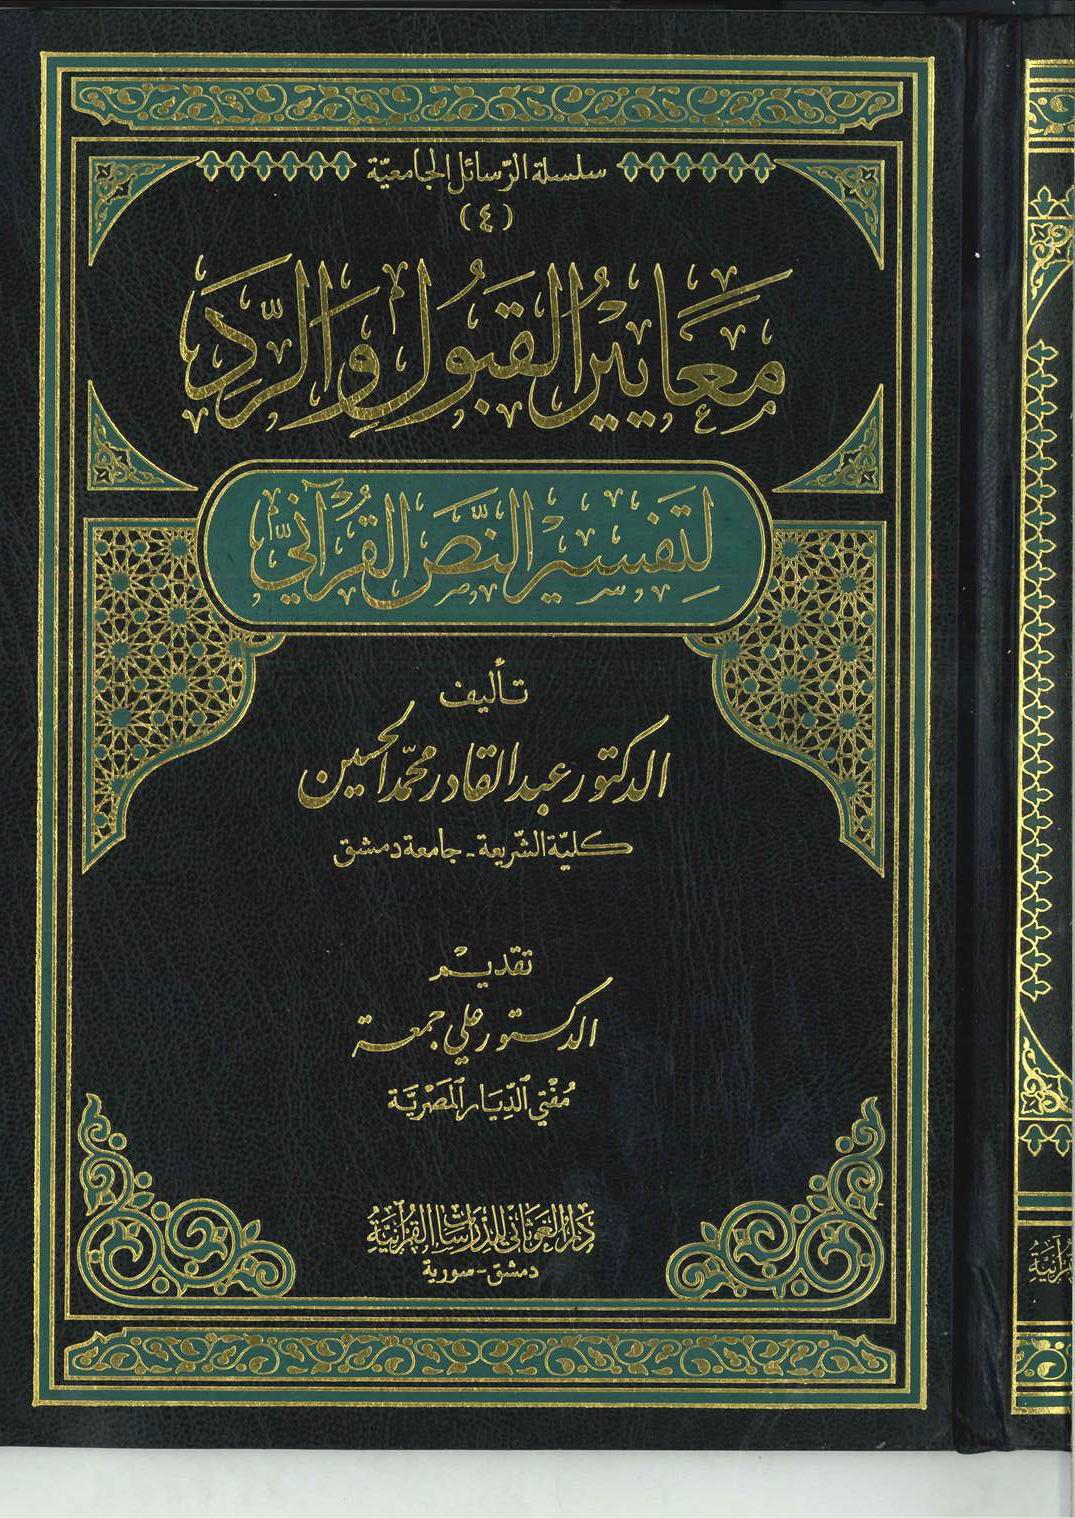 تحميل كتاب معايير القبول والرد لتفسير النص القرآني لـِ: الدكتور عبد القادر محمد الحسين